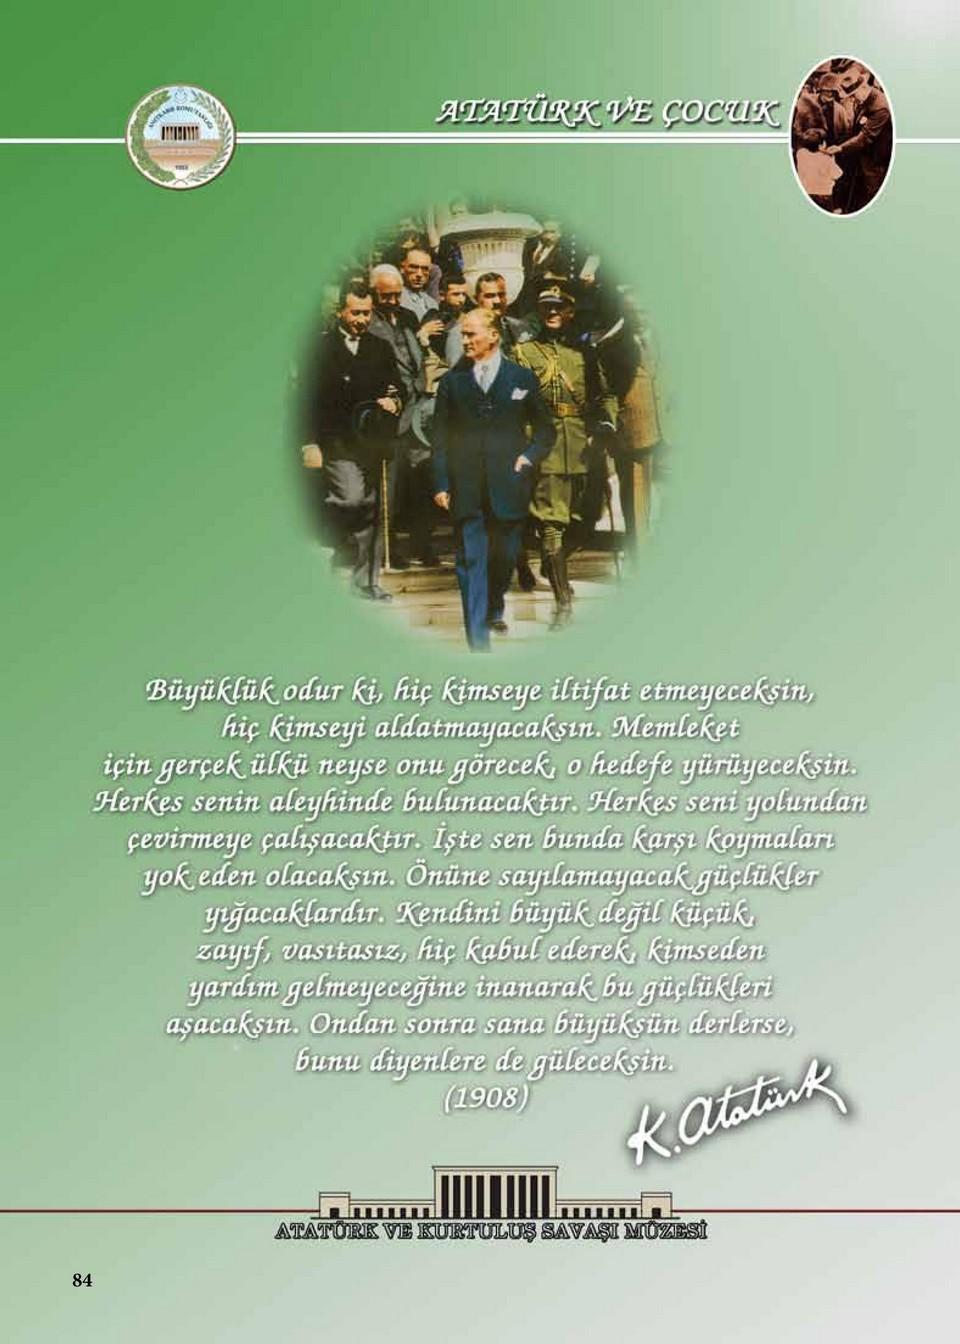 ataturkvecocuk-page-086